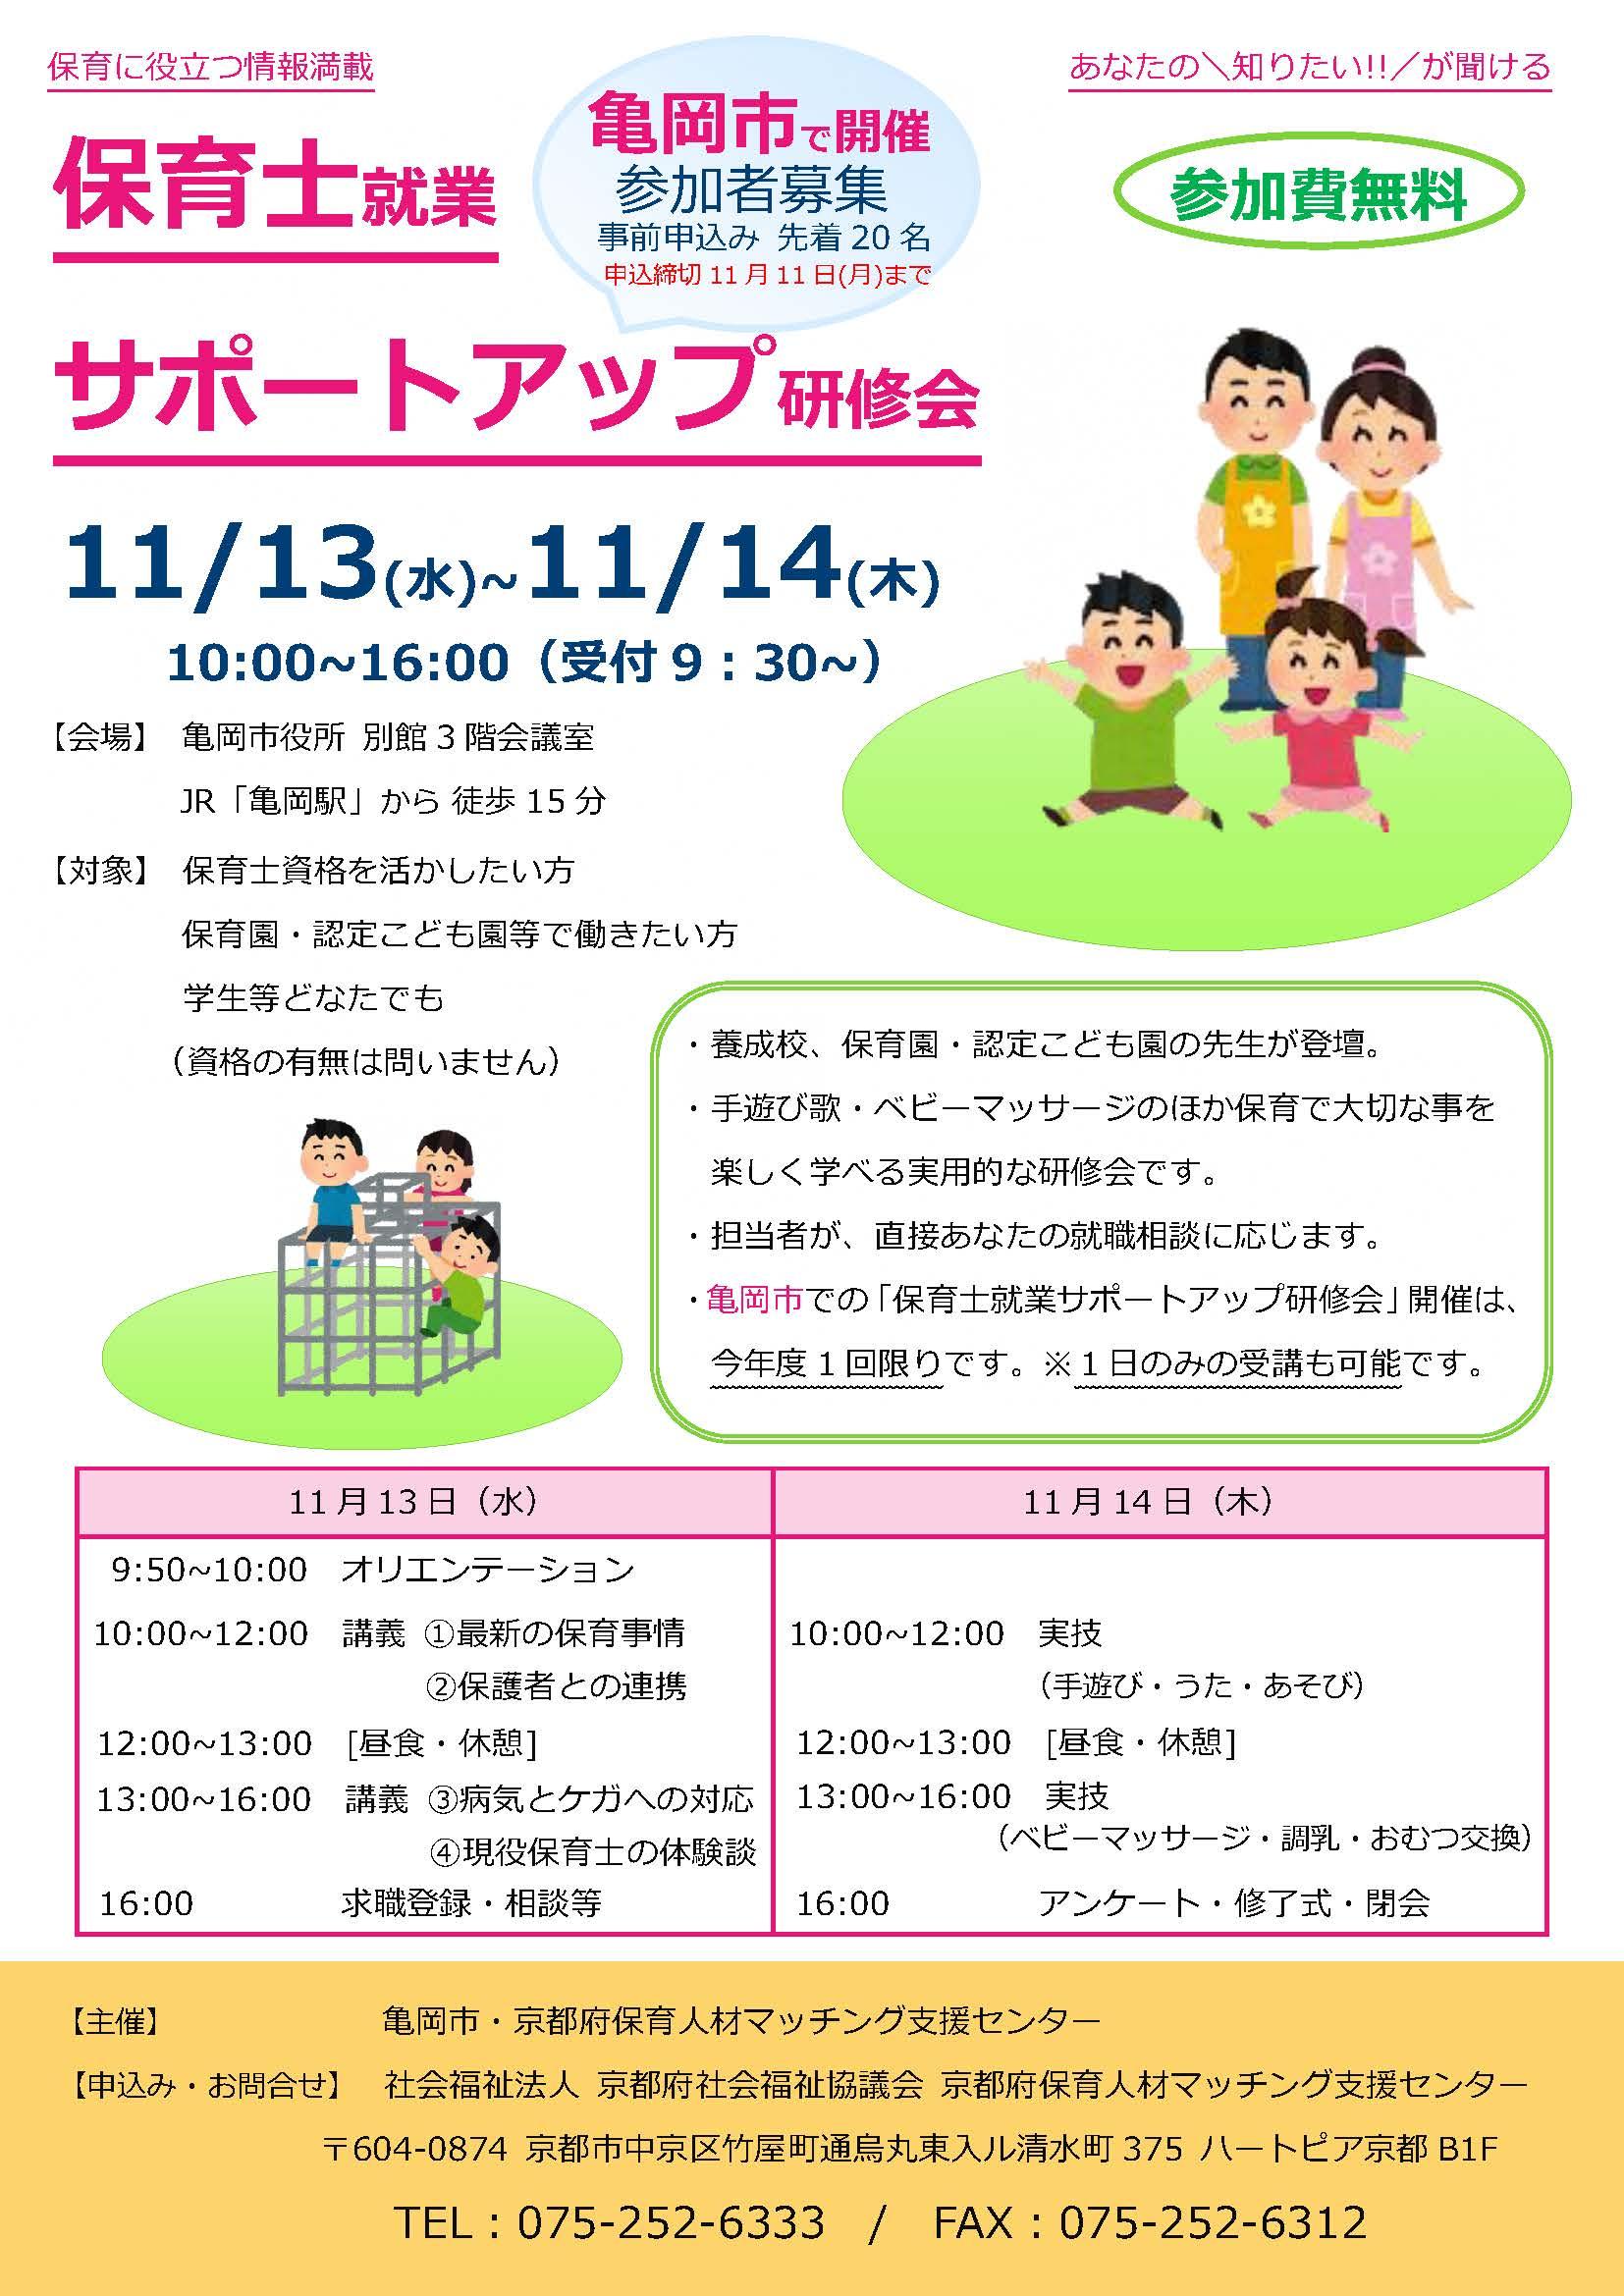 保育士就業サポートアップ研修会(亀岡市)